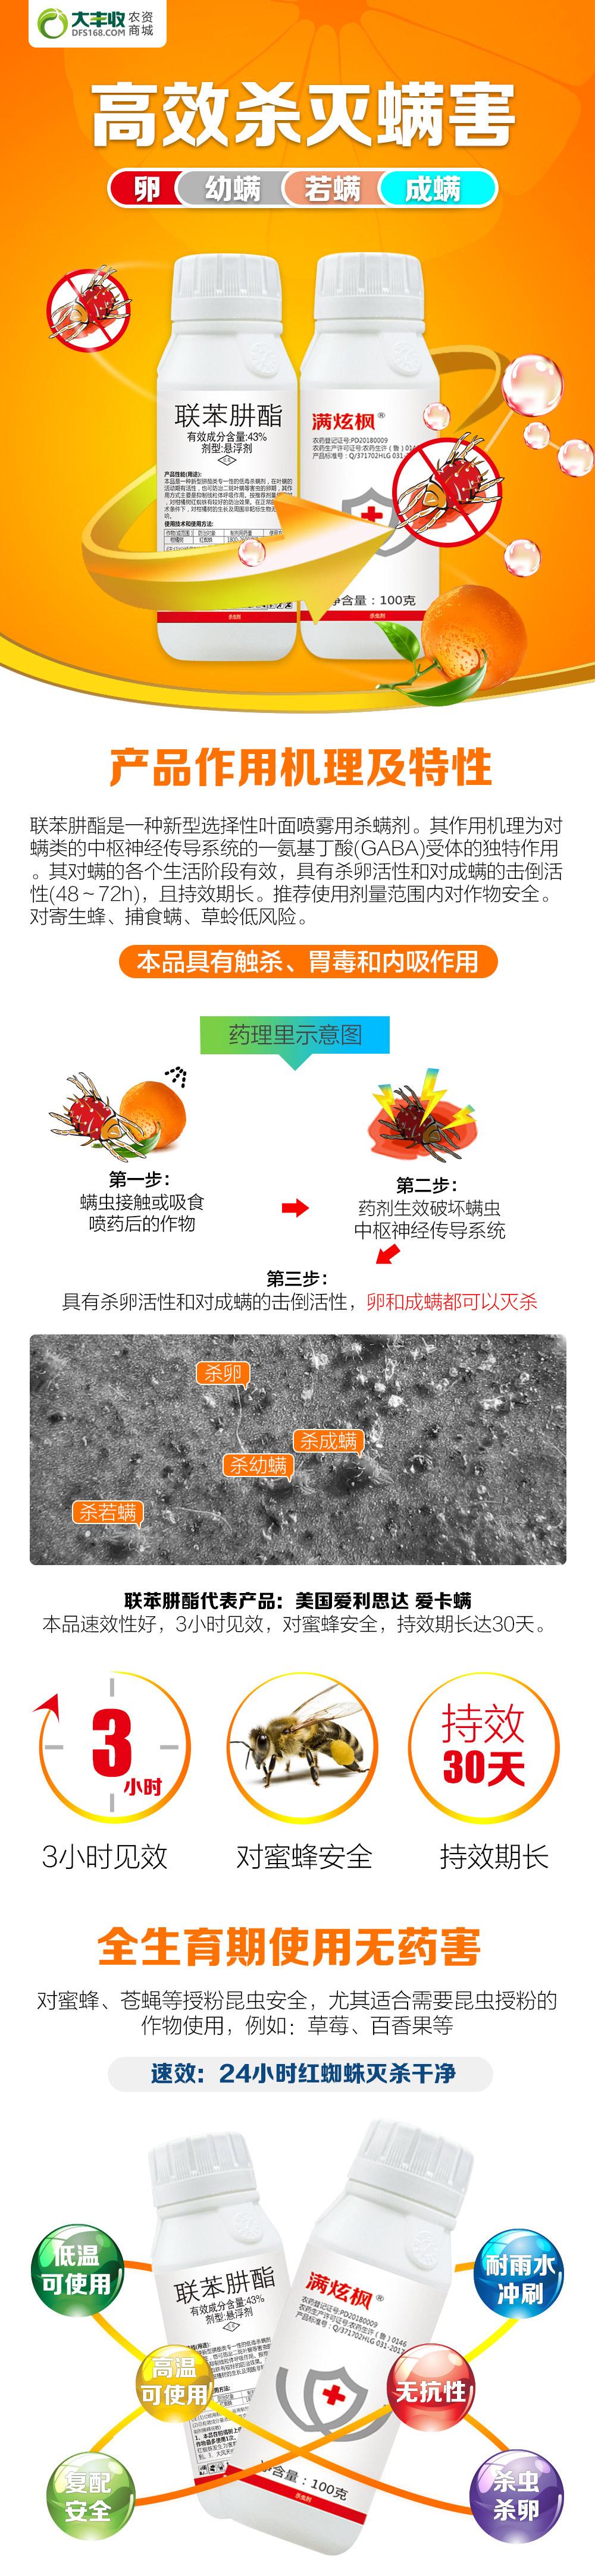 满炫风联苯肼酯_01.jpg